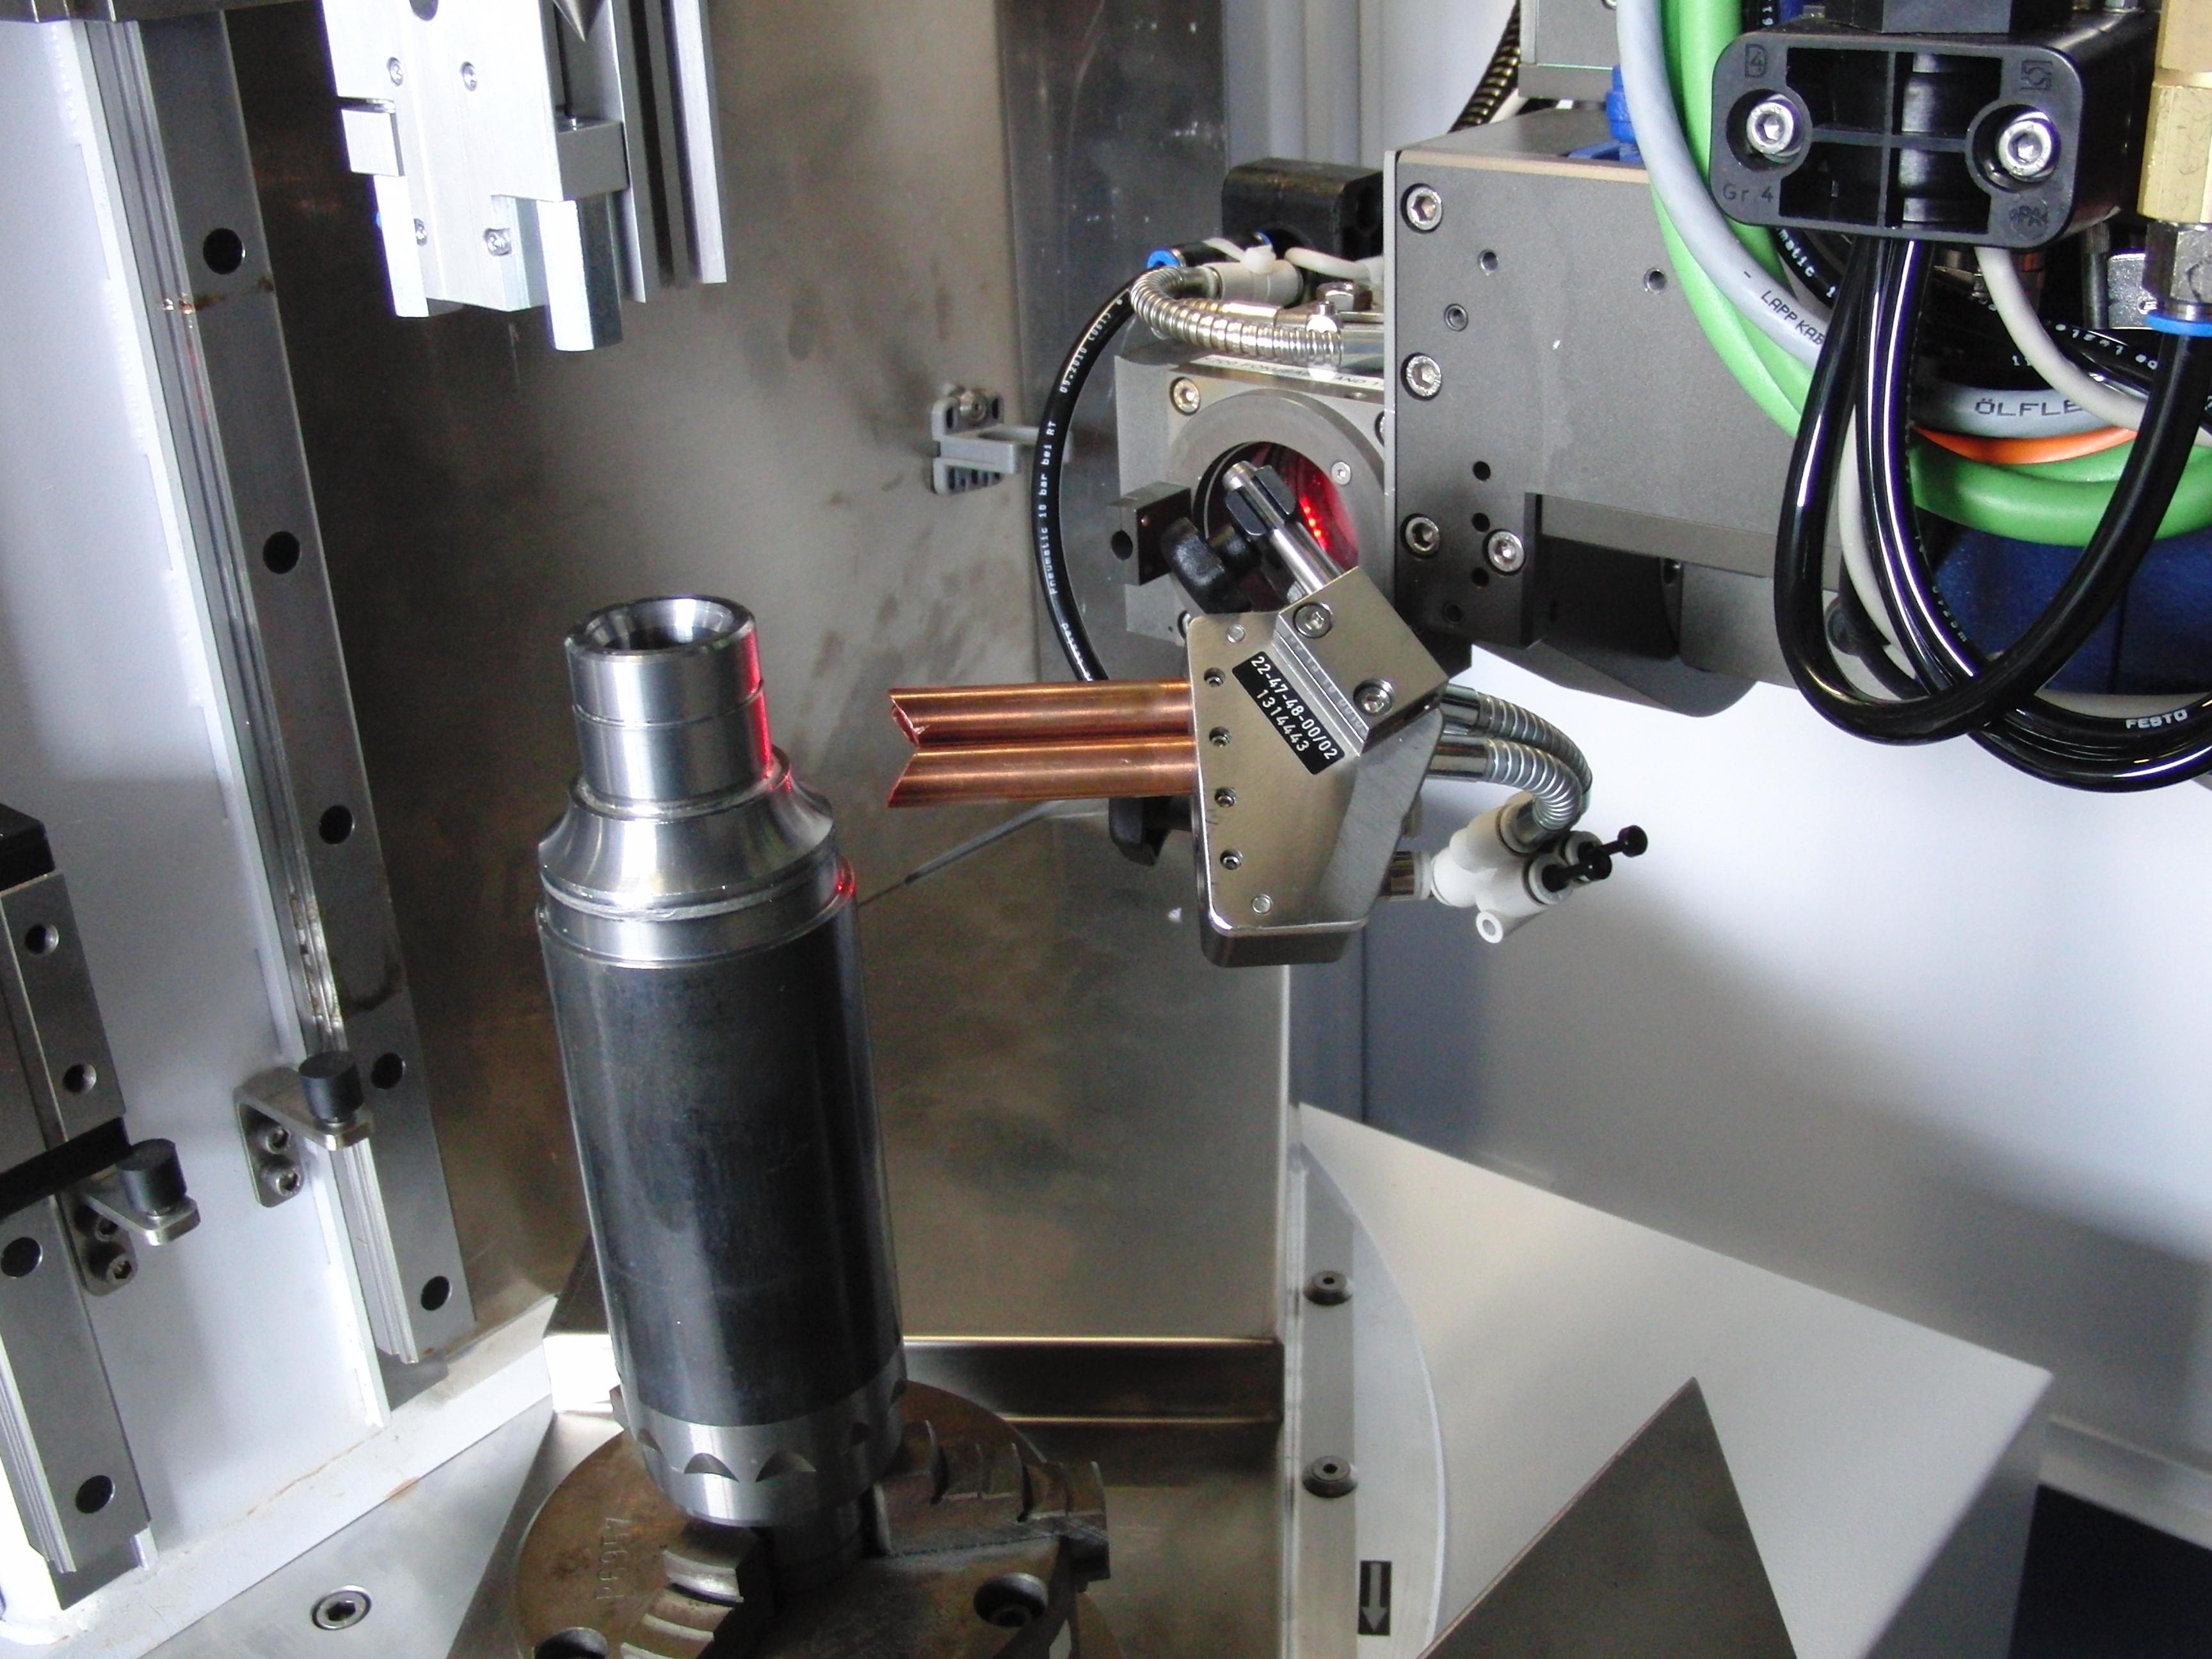 CW-Laserschweißen Prozessaufbau Lagerwelle Schweißtiefe 5mm auf Trumpf TruDisk 3302